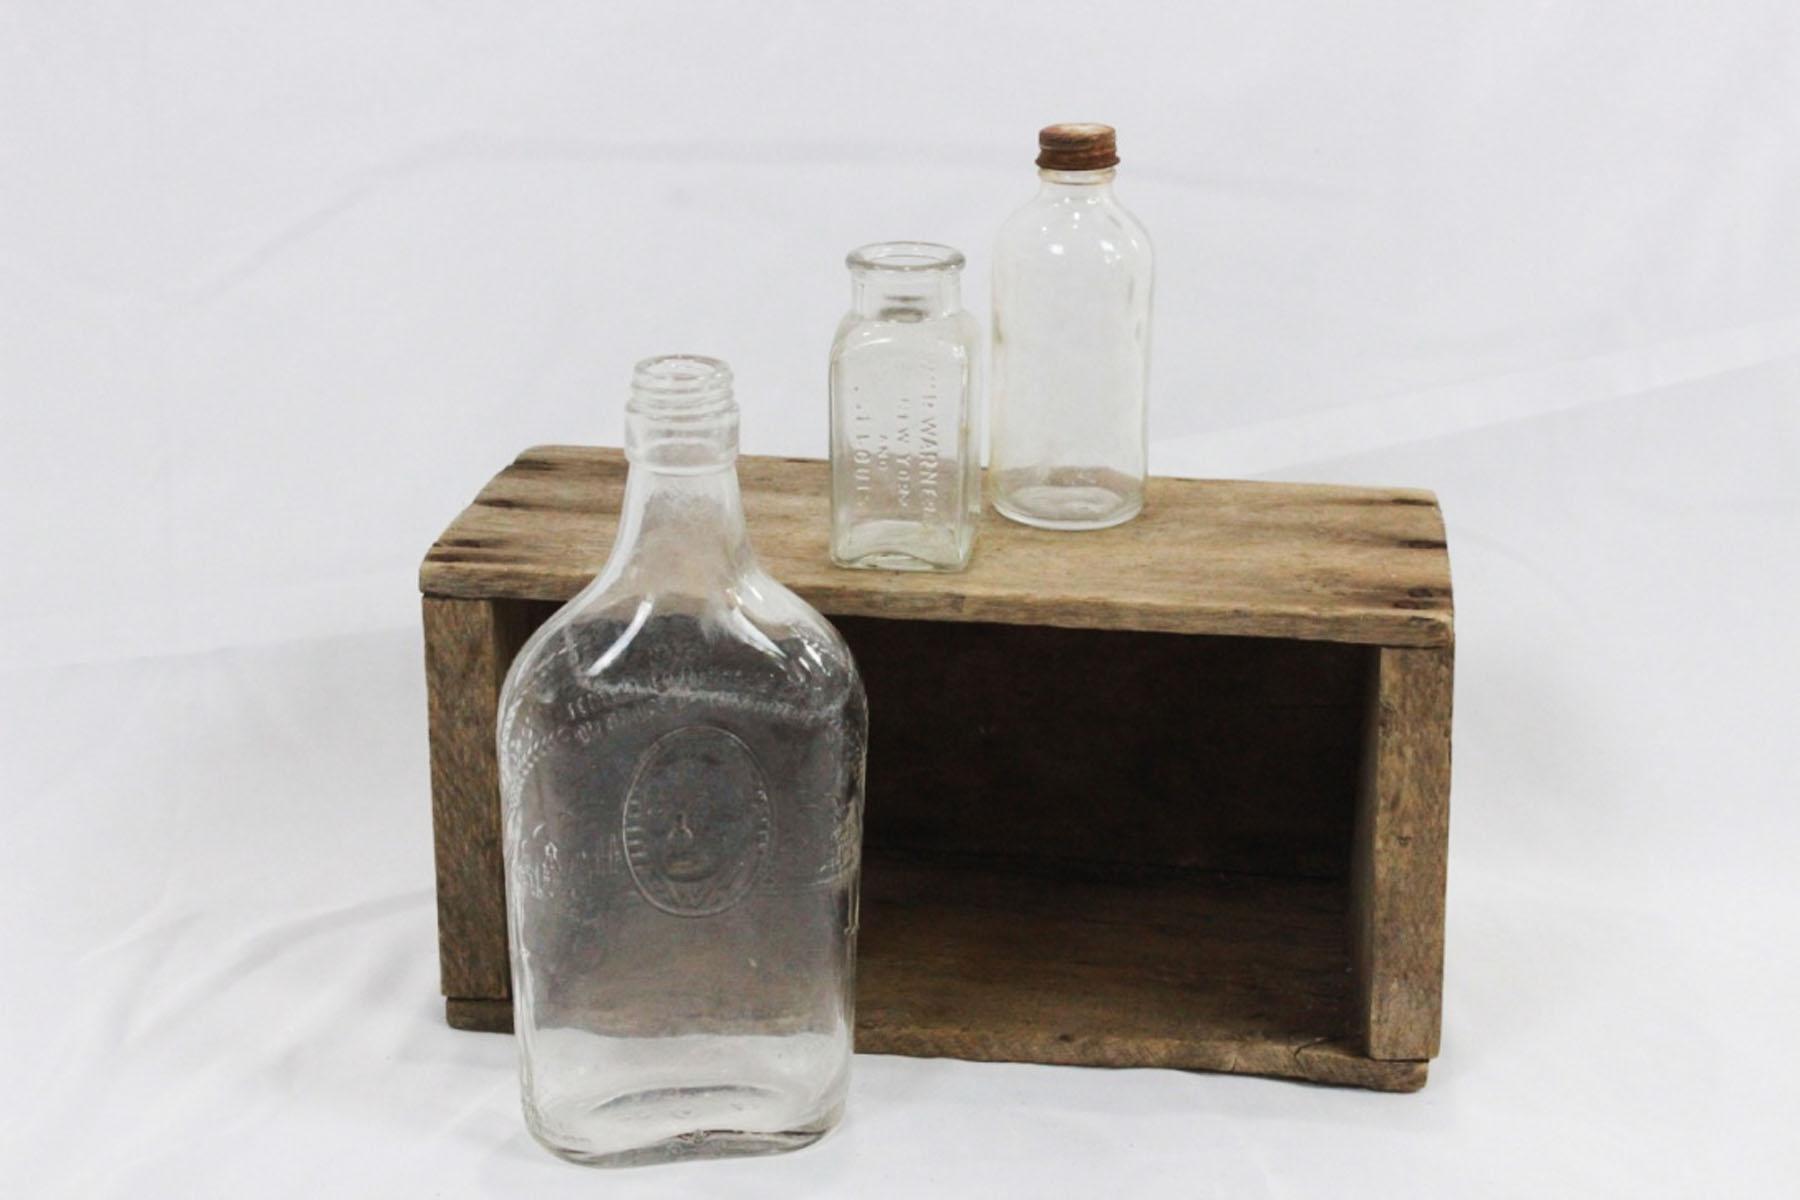 Clear Glass Bottles - Scavenged Vintage Rentals